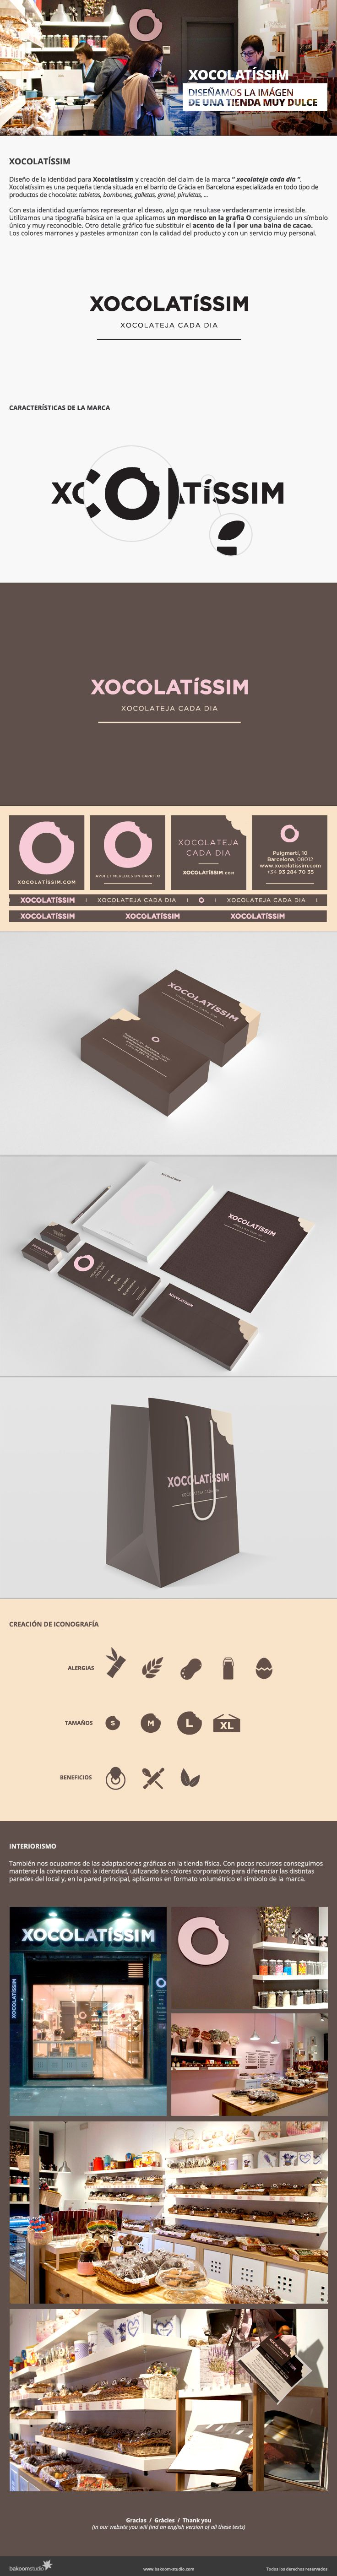 Bakoom Studio - Xocolatissim  Proyecto de branding para un tienda de productos de chocolate de Barcelona.